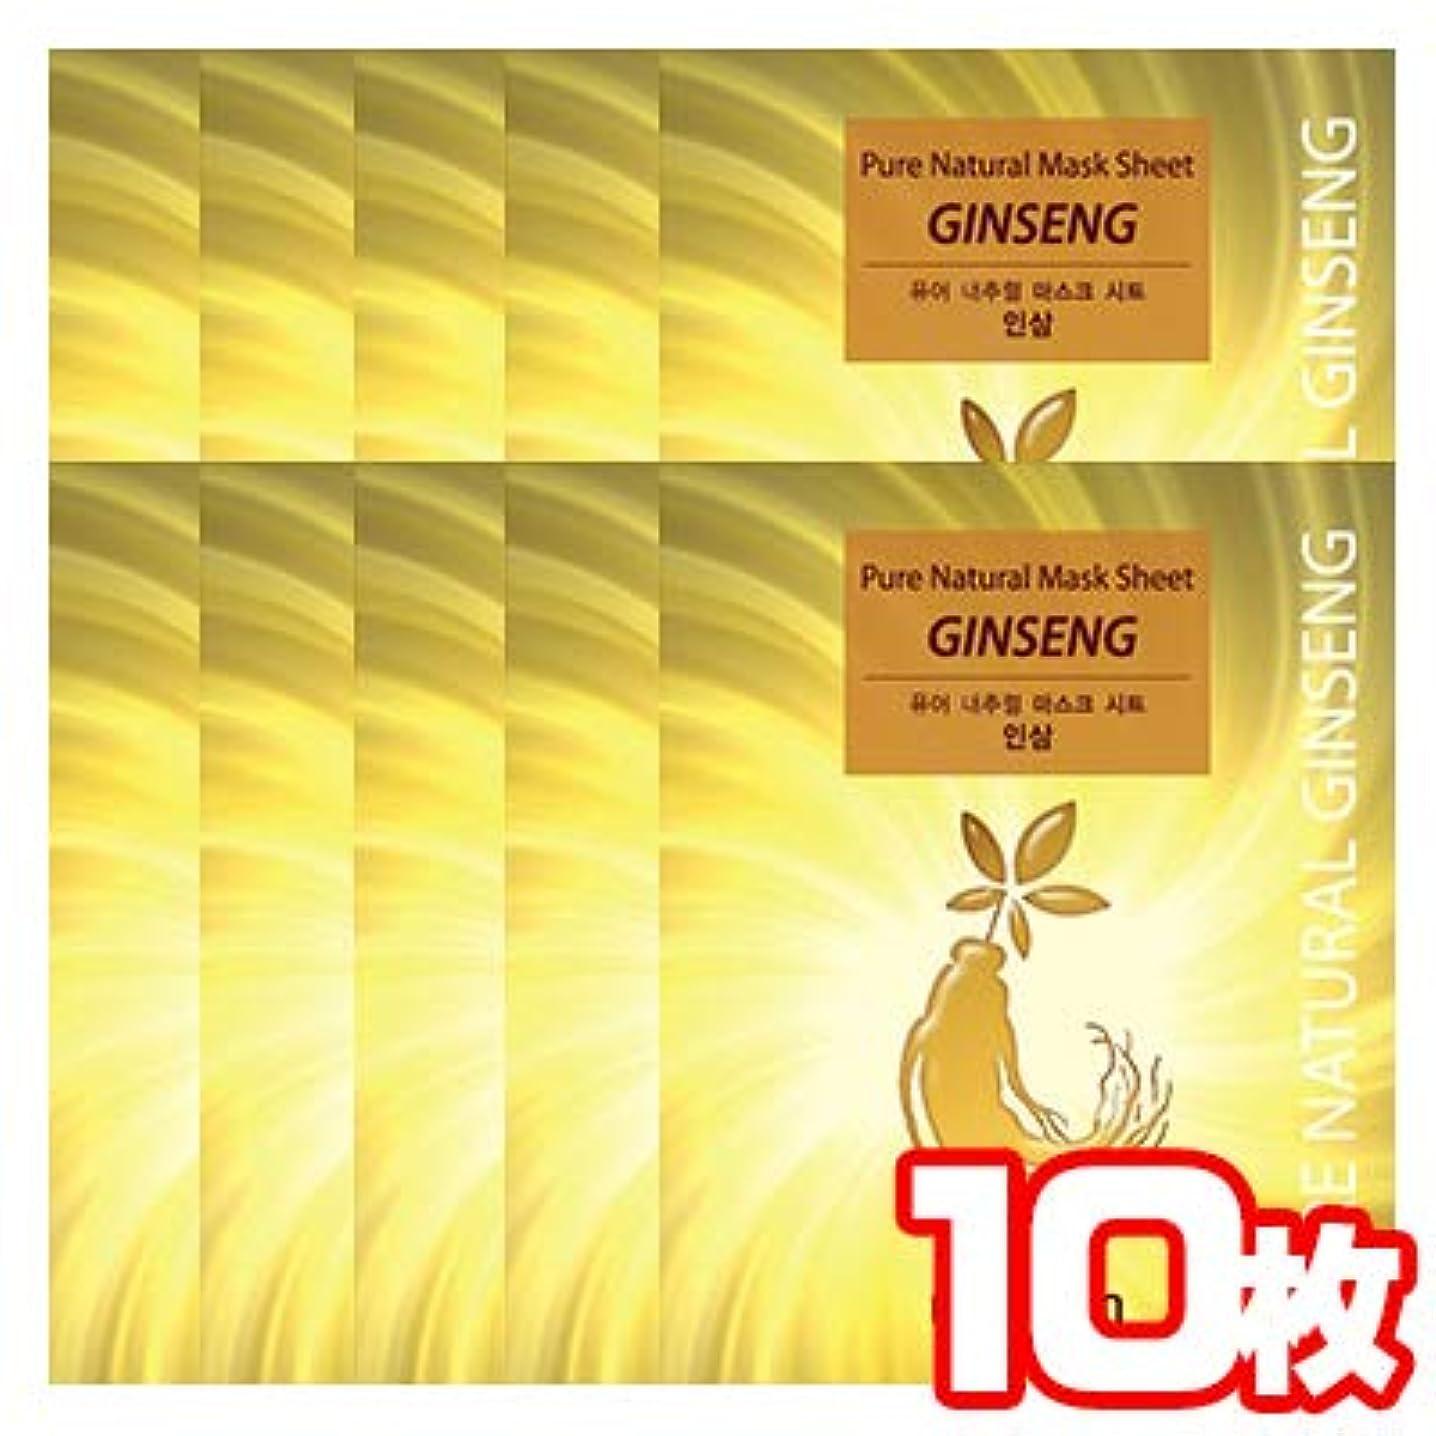 冷笑するラックけん引ザセム ピュア ナチュラル マスクシート 3類 Pure Natural Mask Sheet 20mlx10枚 (高麗人参(10枚))